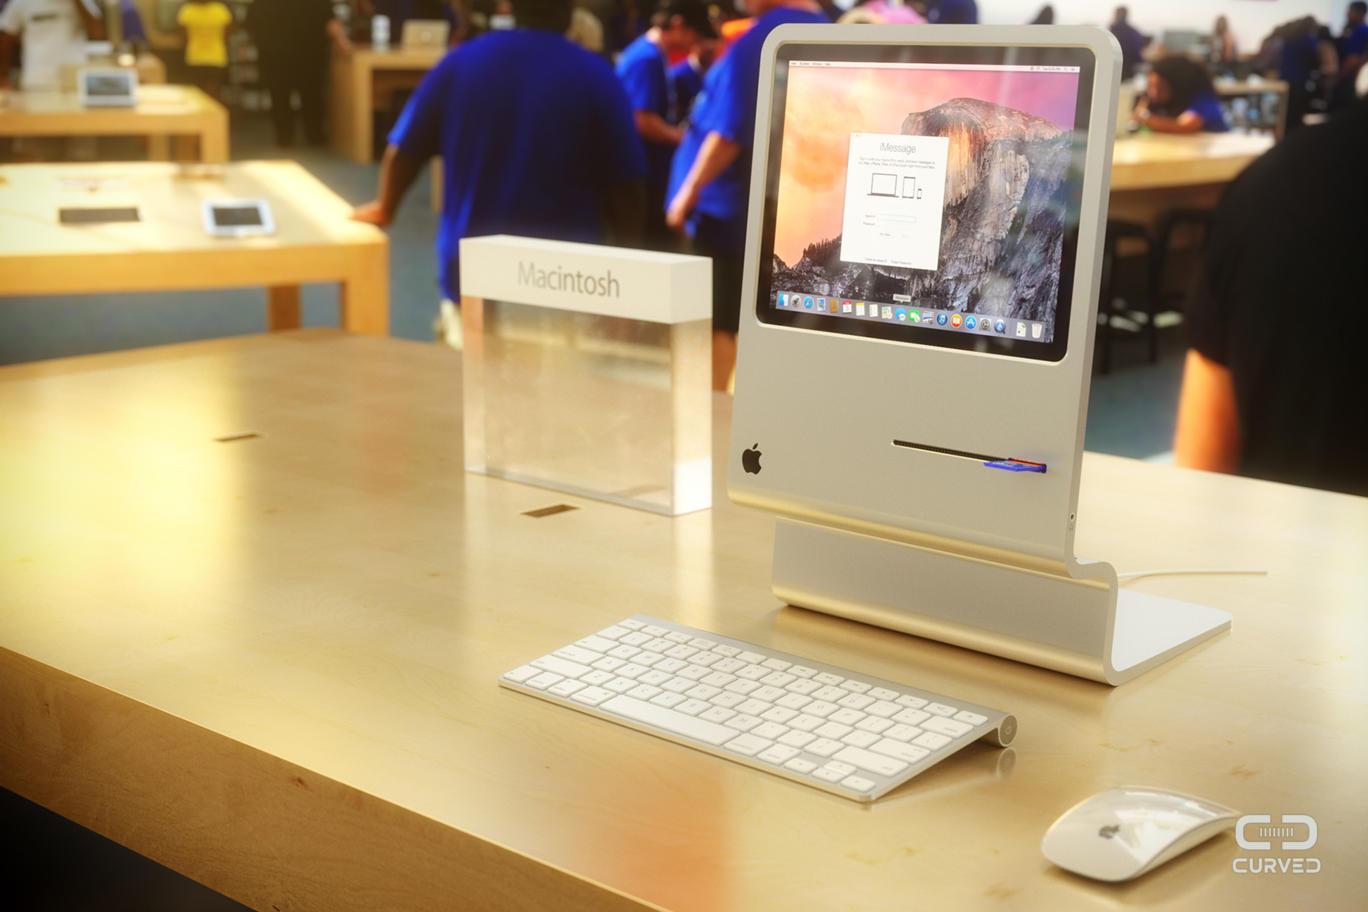 Cовременный iMac в корпусе классического Macintosh